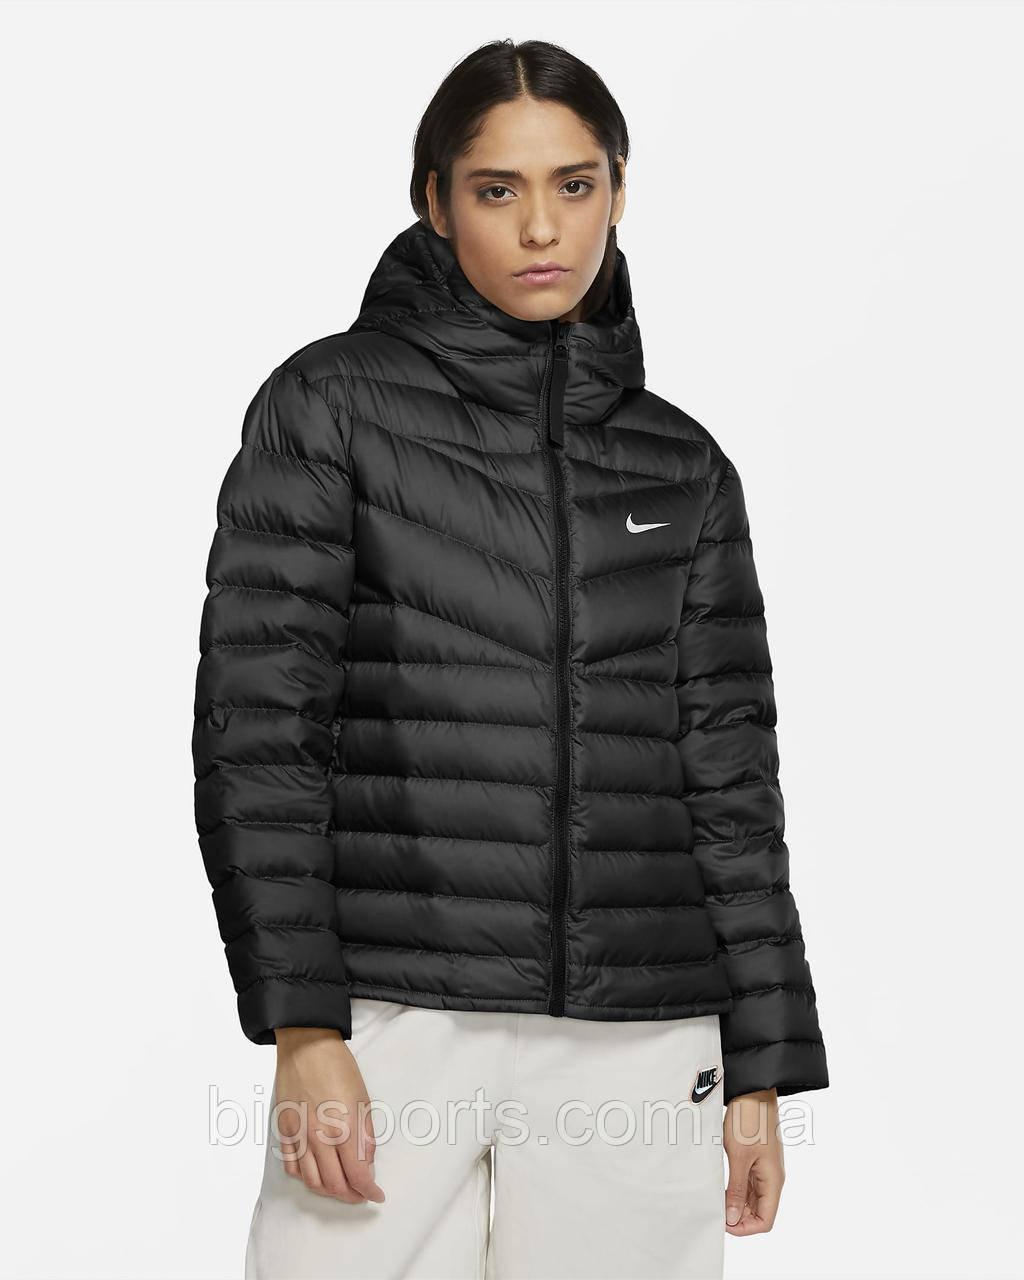 Куртка жен. Nike W Nsw Wr Lt Wt Dwn Jkt (арт. CU5094-011)